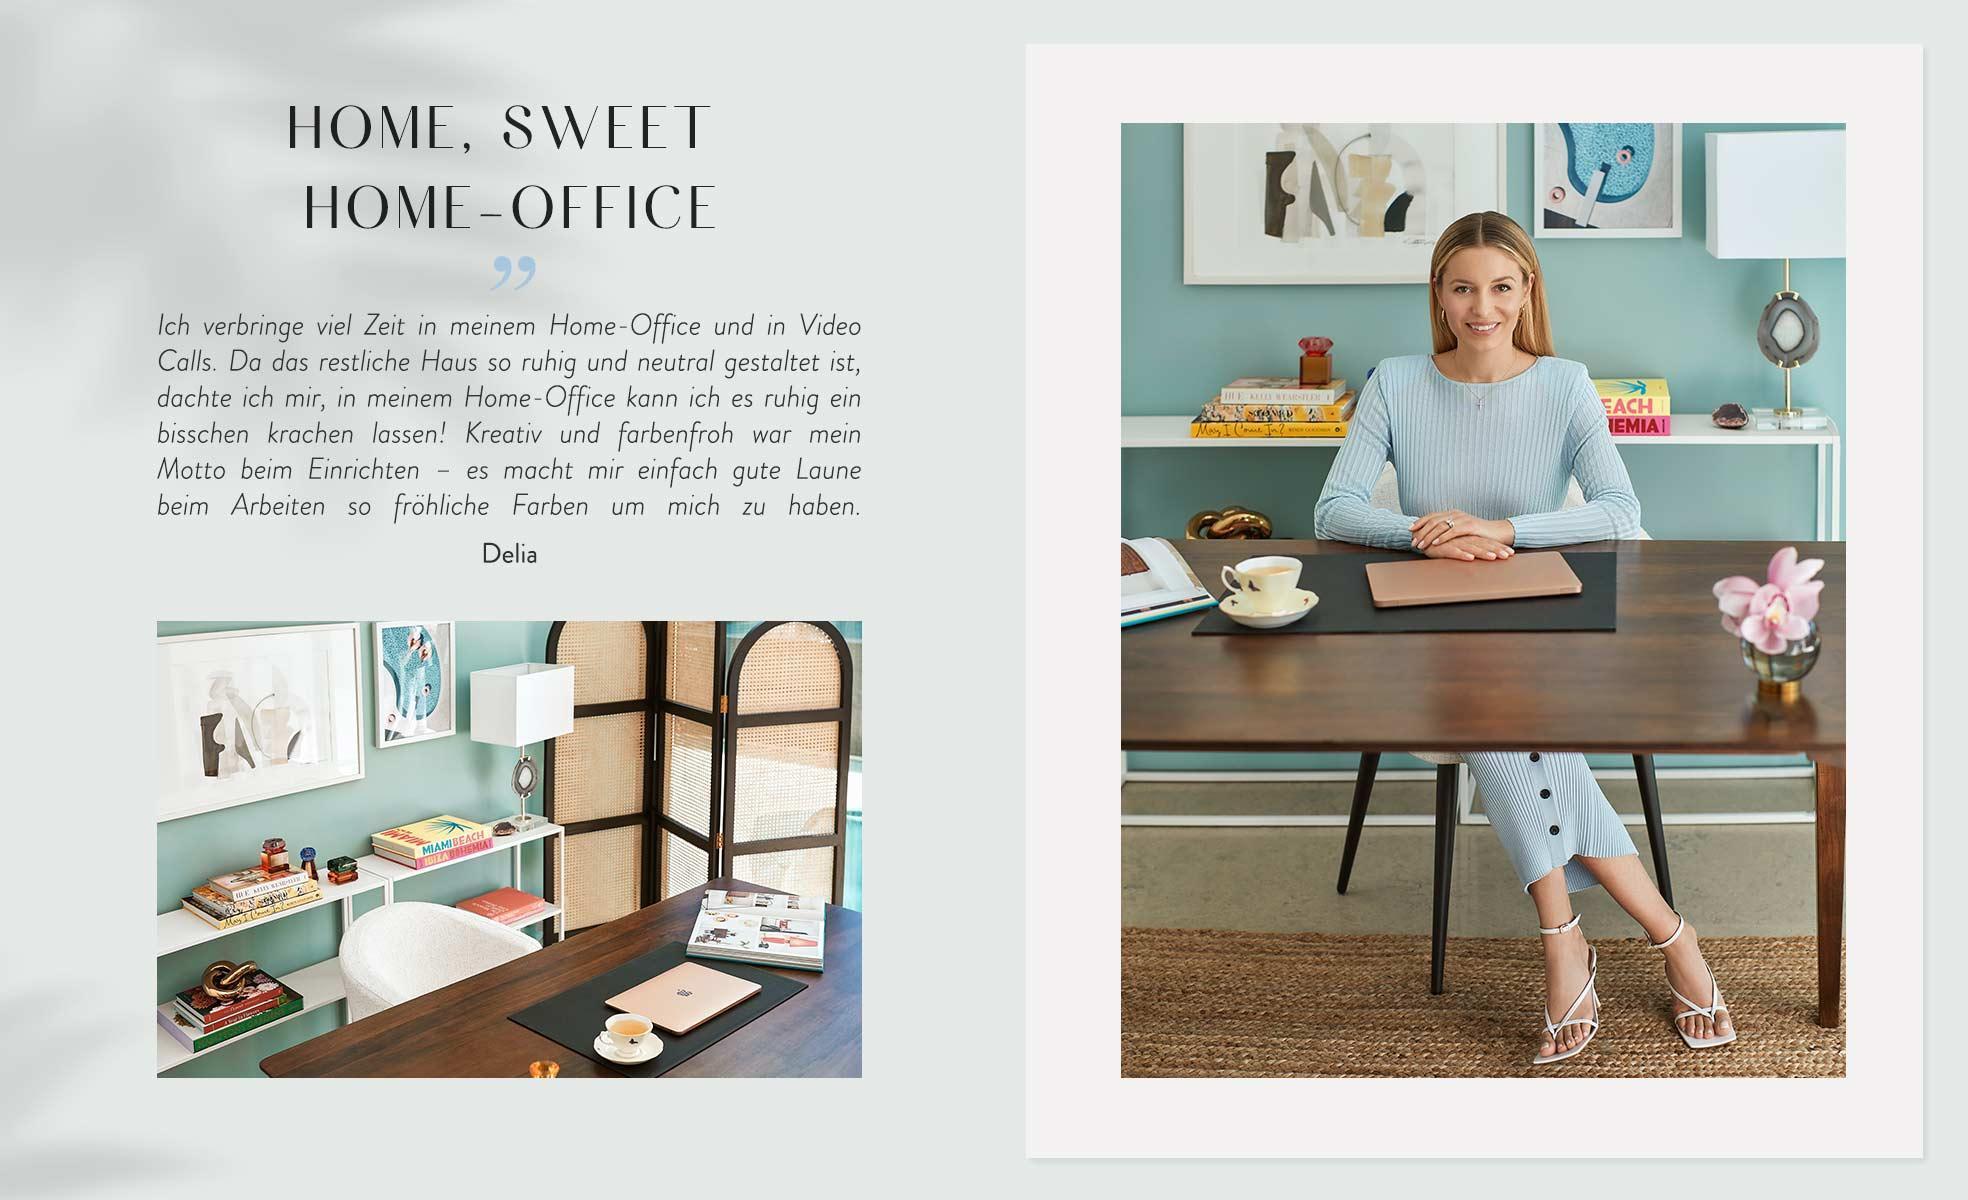 Frau sitzt in Arbeitszimmer mit fröhlichen und bunten Farben